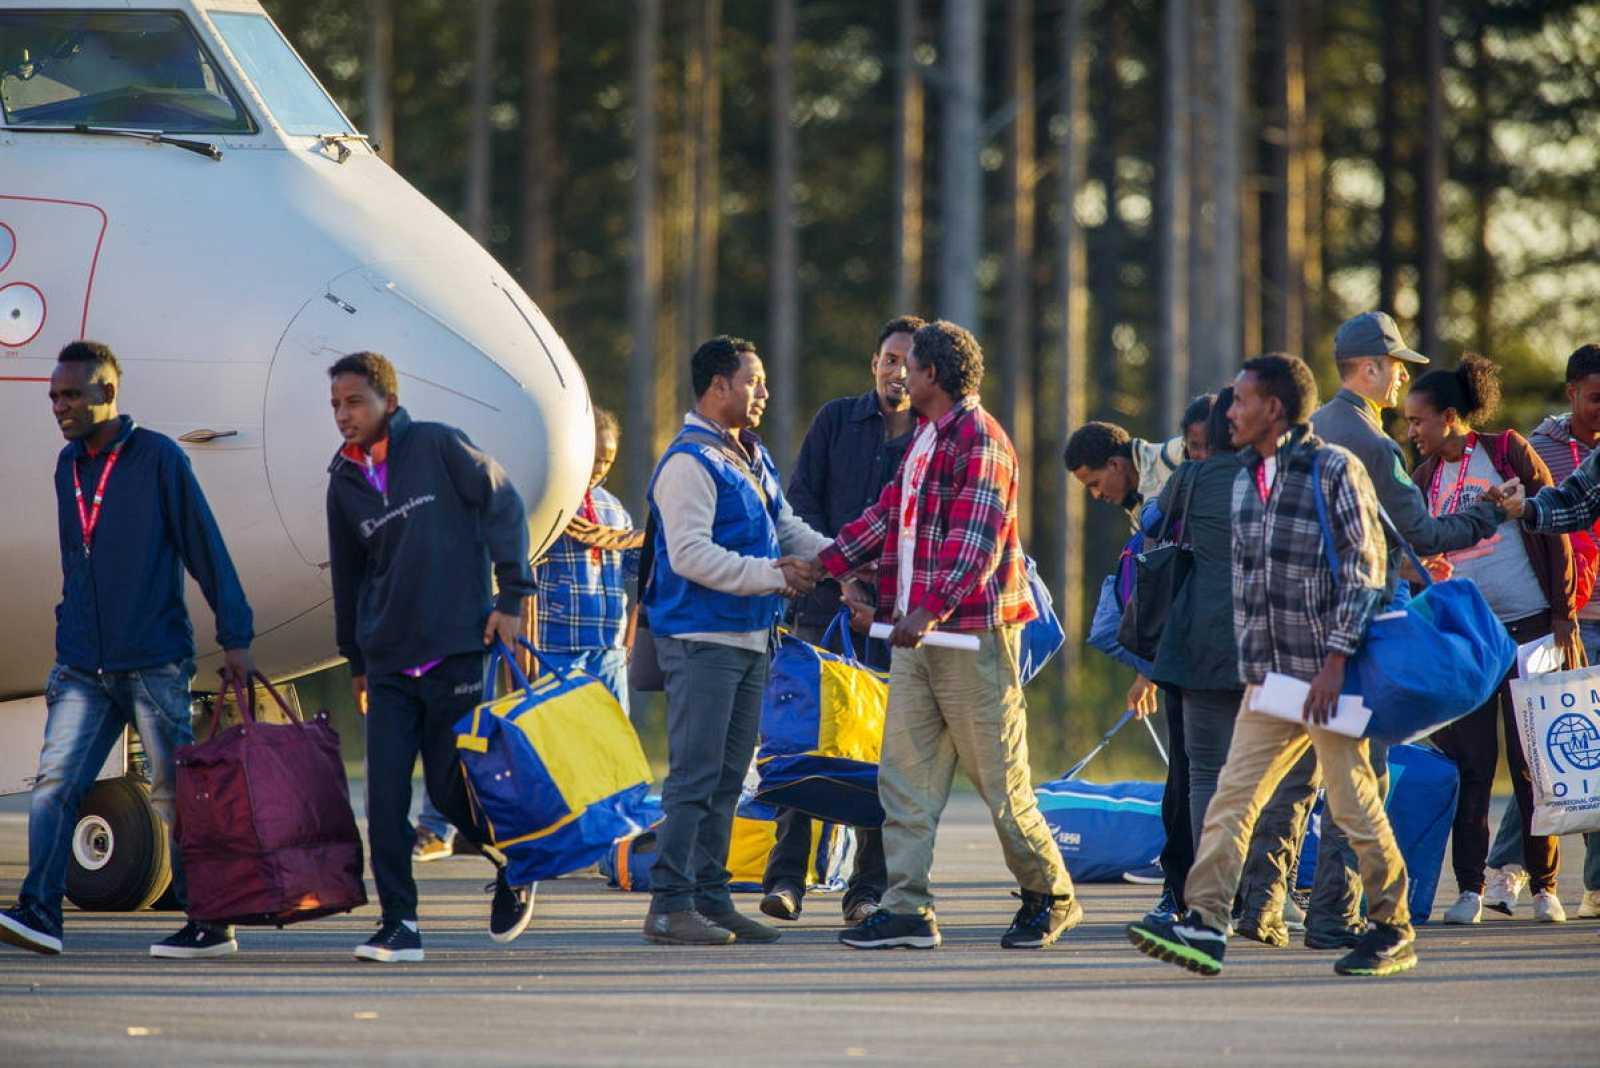 Los primeros refugiados trasladados en la UE llegan a Suecia